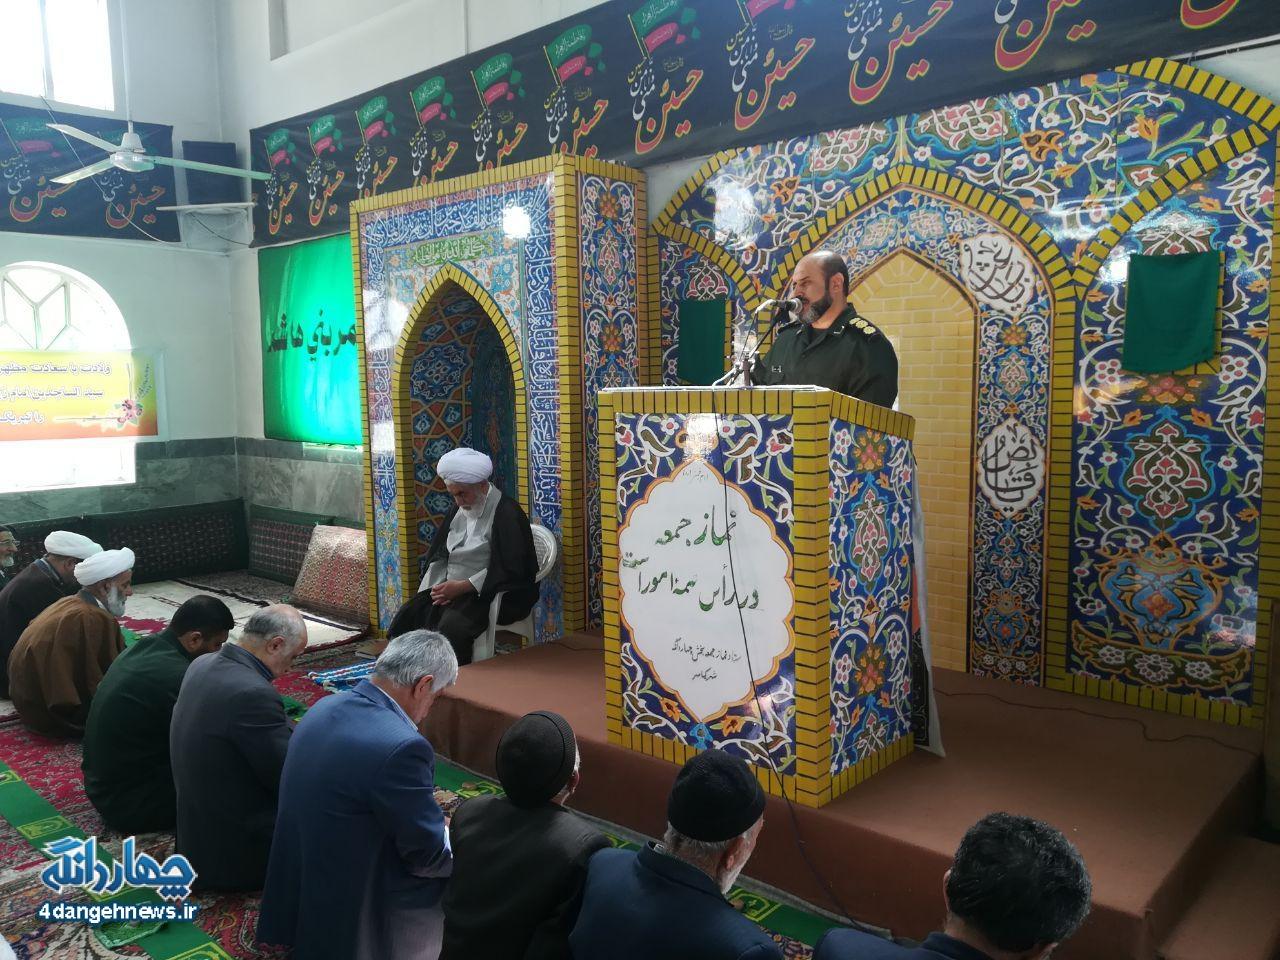 سخنرانی سرهنگ پاسدار علی خادم در نماز جمعه چهاردانگه